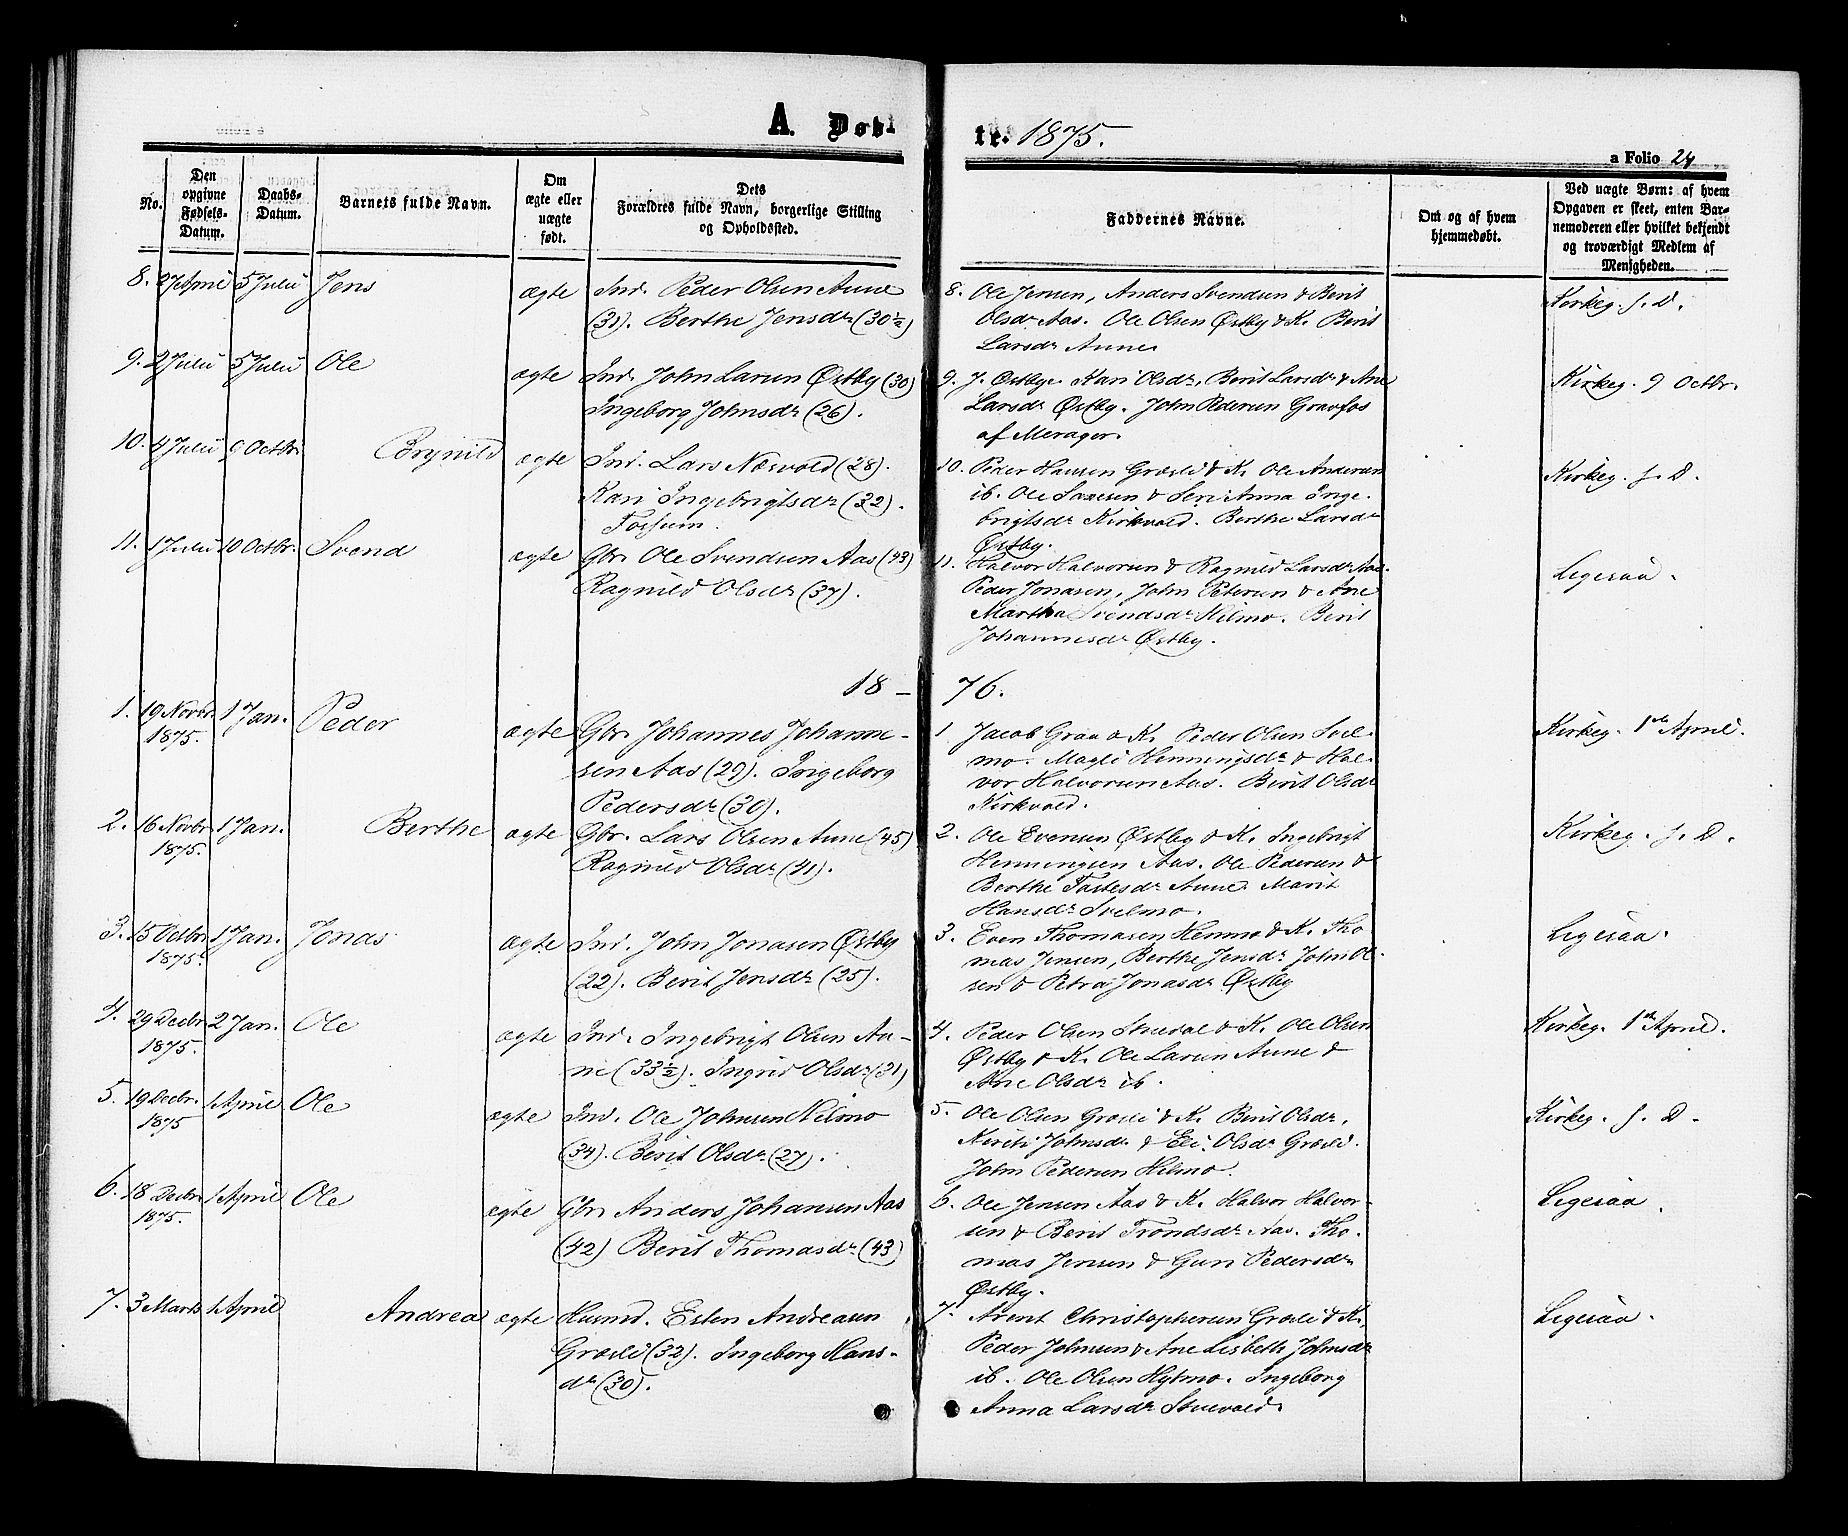 SAT, Ministerialprotokoller, klokkerbøker og fødselsregistre - Sør-Trøndelag, 698/L1163: Ministerialbok nr. 698A01, 1862-1887, s. 24